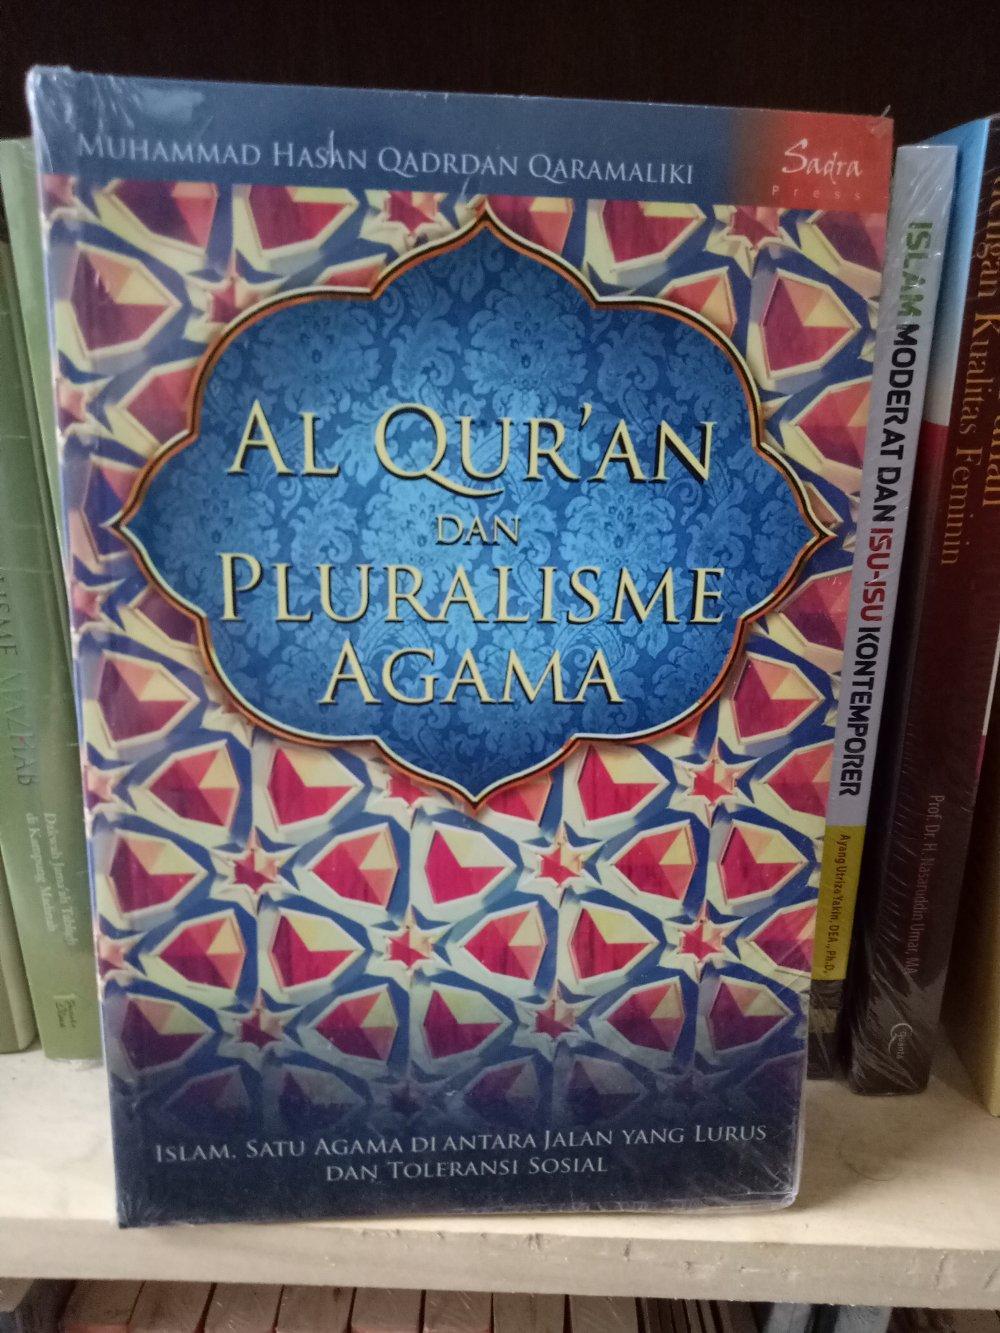 Al Quran Dan Pluralisme Agama - Muhammad Hasan By Metro Bookstore Malang.